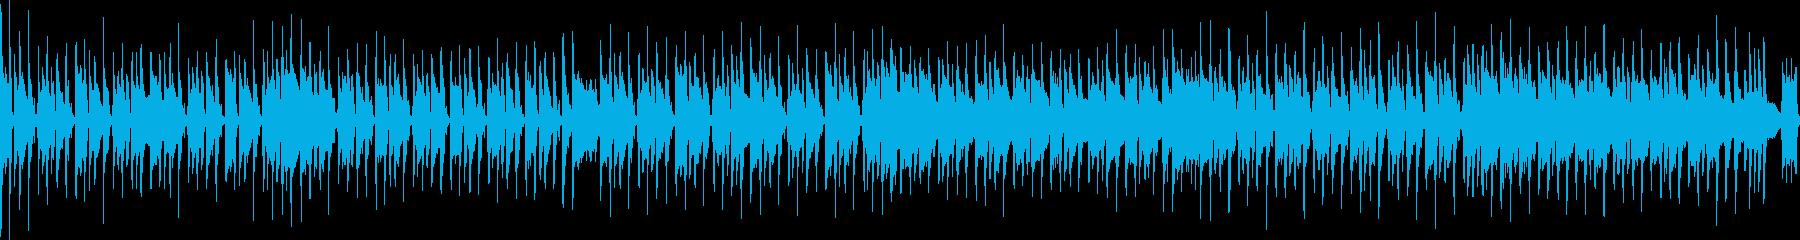 ■メロディ無・ループ・ボサノバ・朝・優雅の再生済みの波形